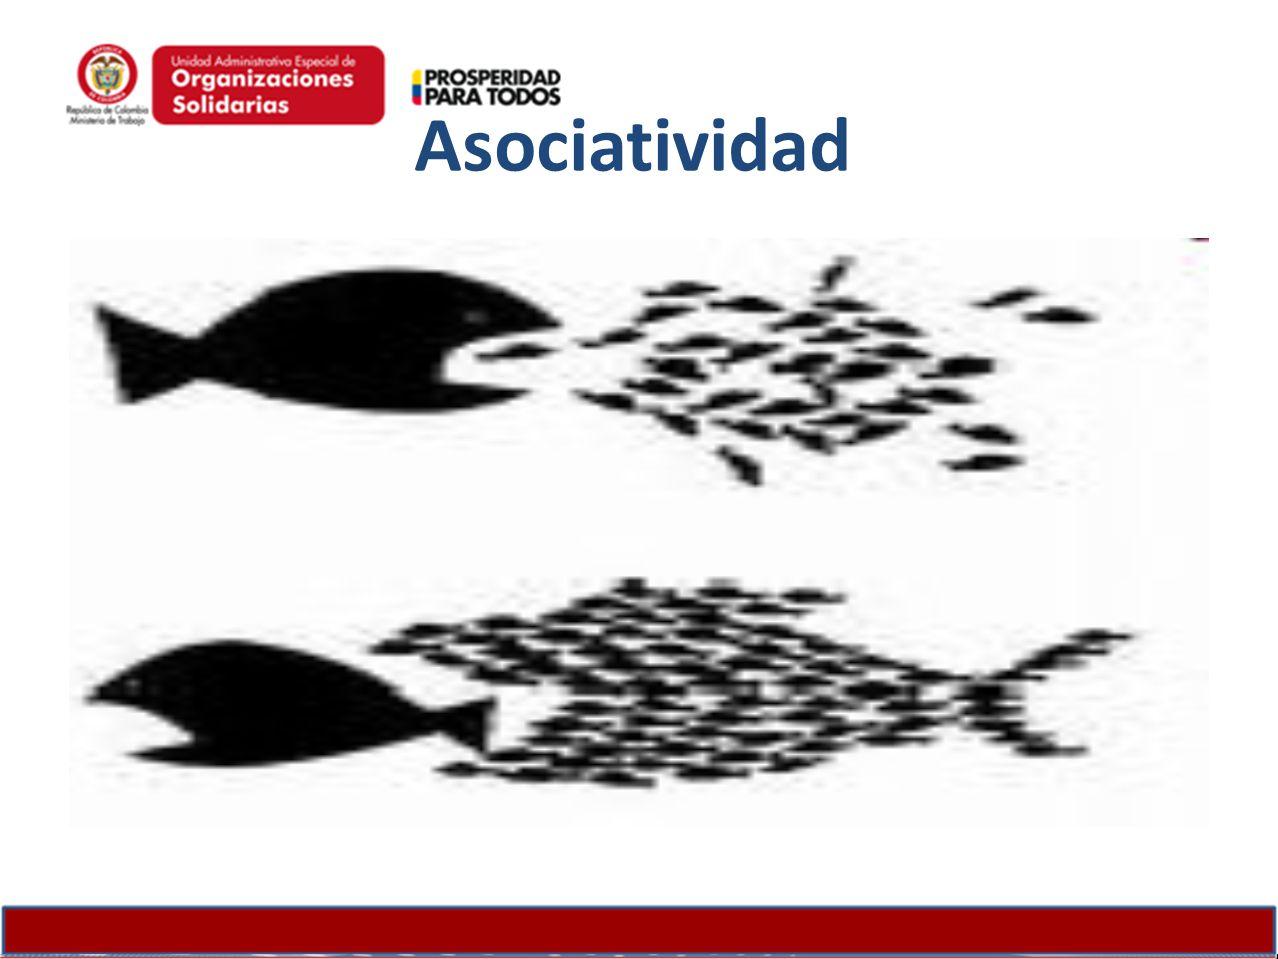 ConfianzaSolidaridad Colaboración Compromiso Responsabilidad Individualismo Desconfianza Oportunismo Asociatividad